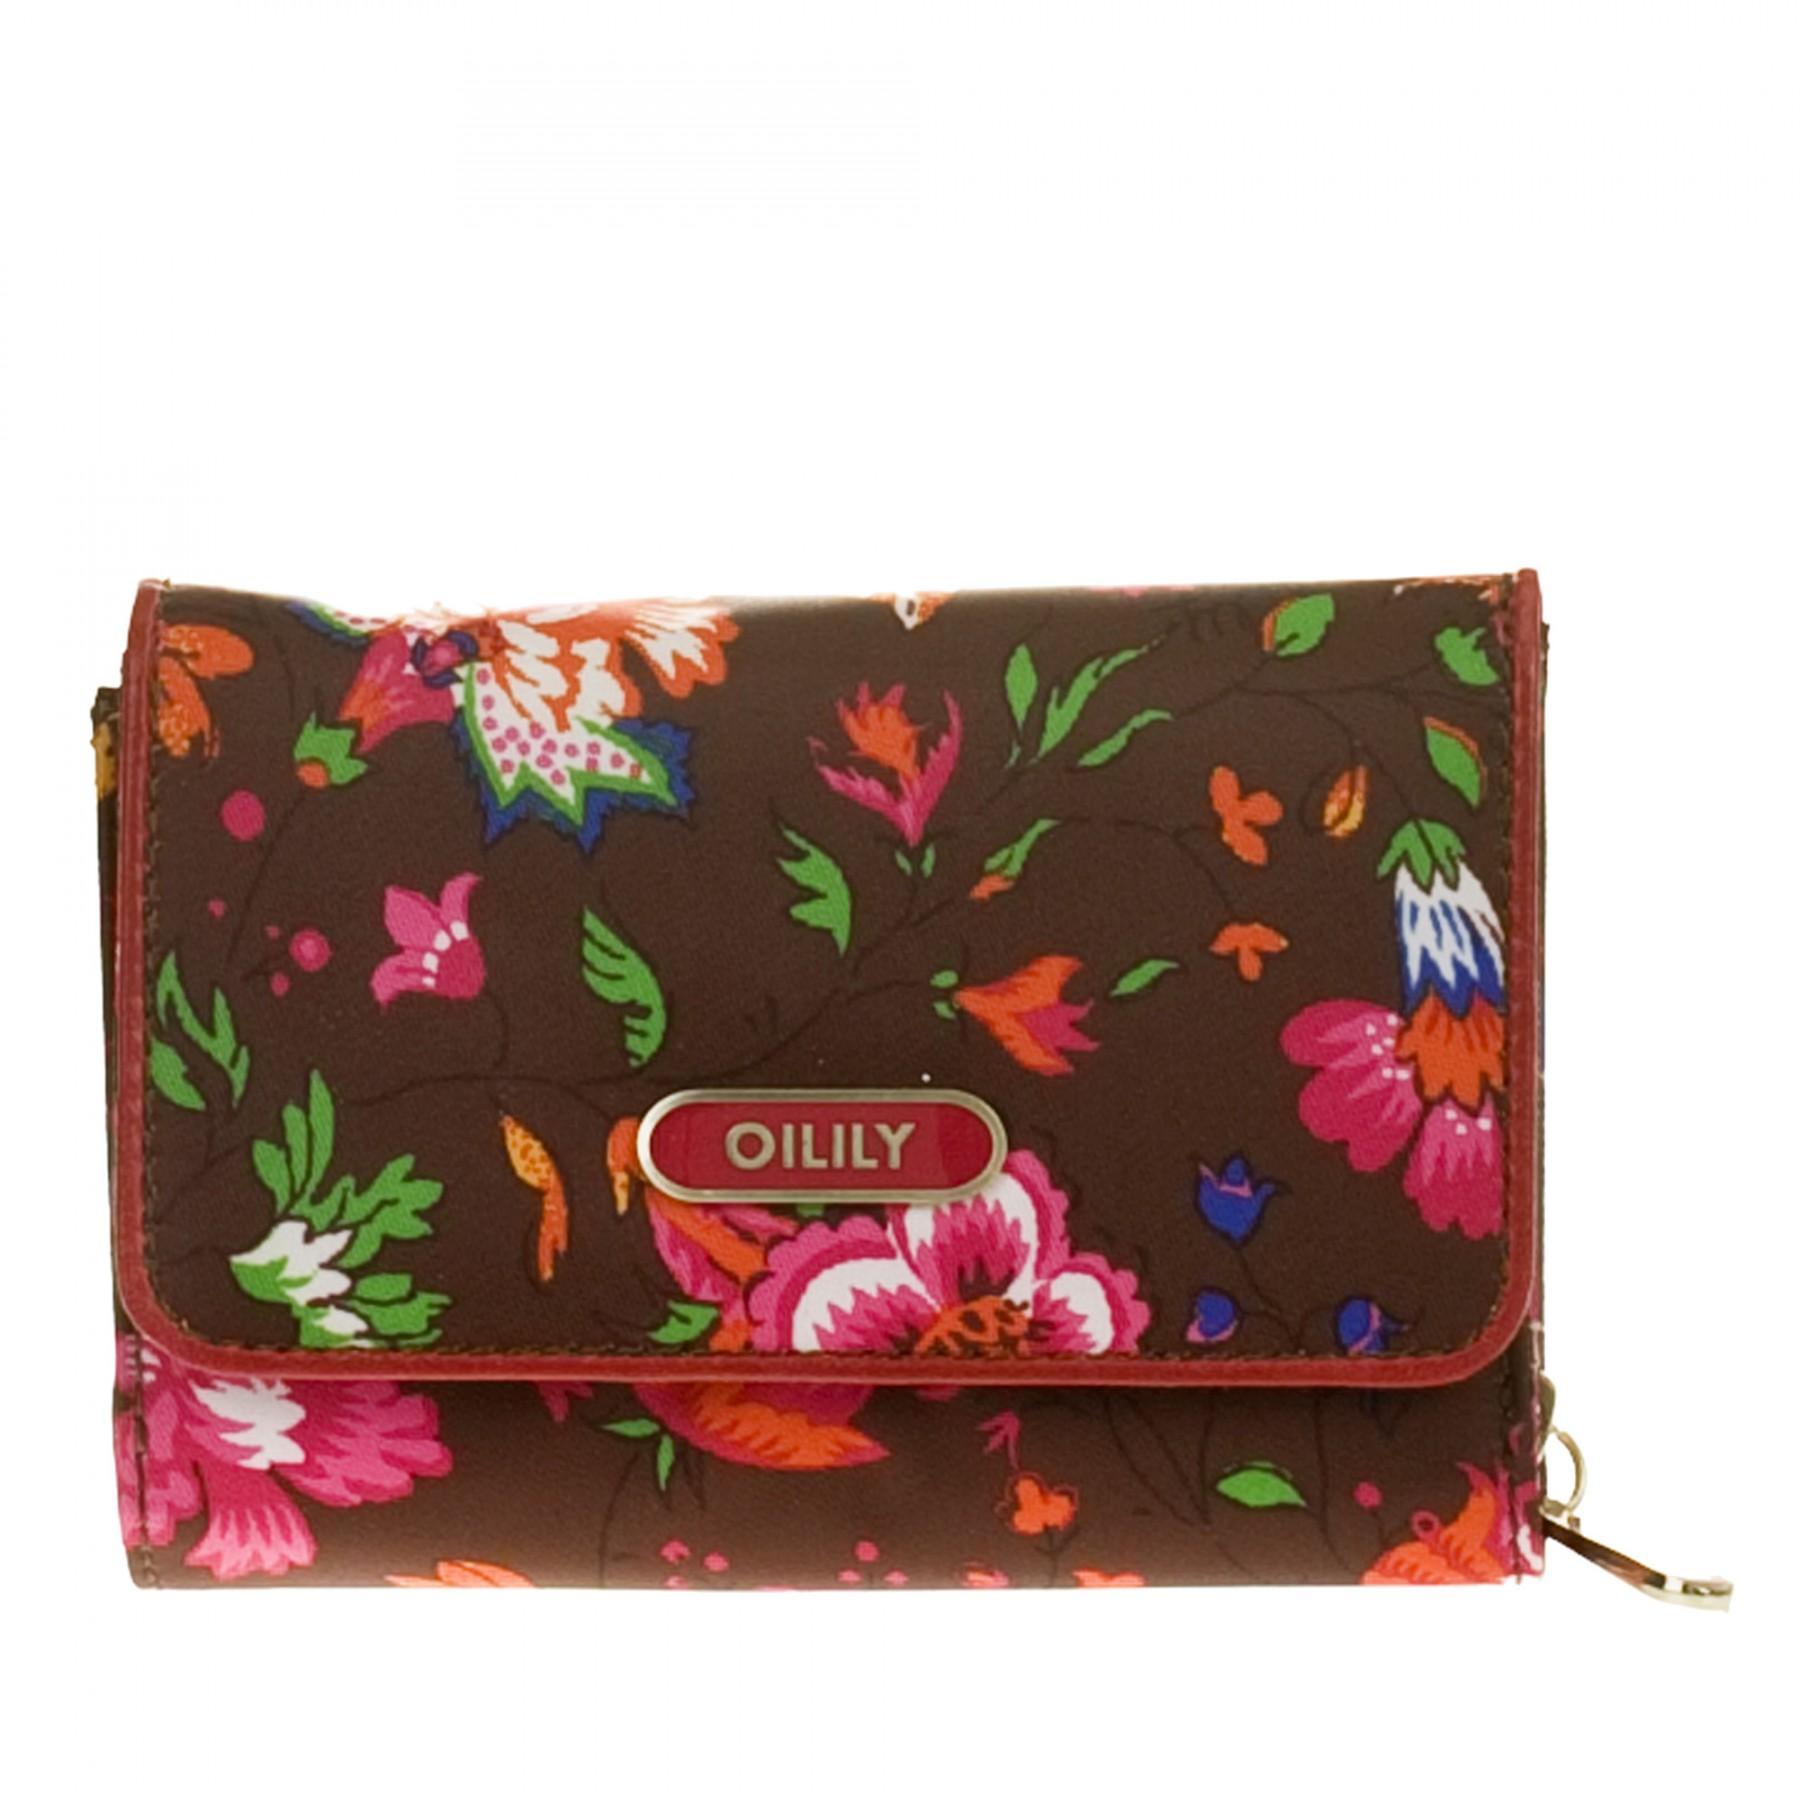 3ca07453329a1 Oilily Geldbörse S Wallet Winter Gift 2011 Burgundy Oilily Taschen ...